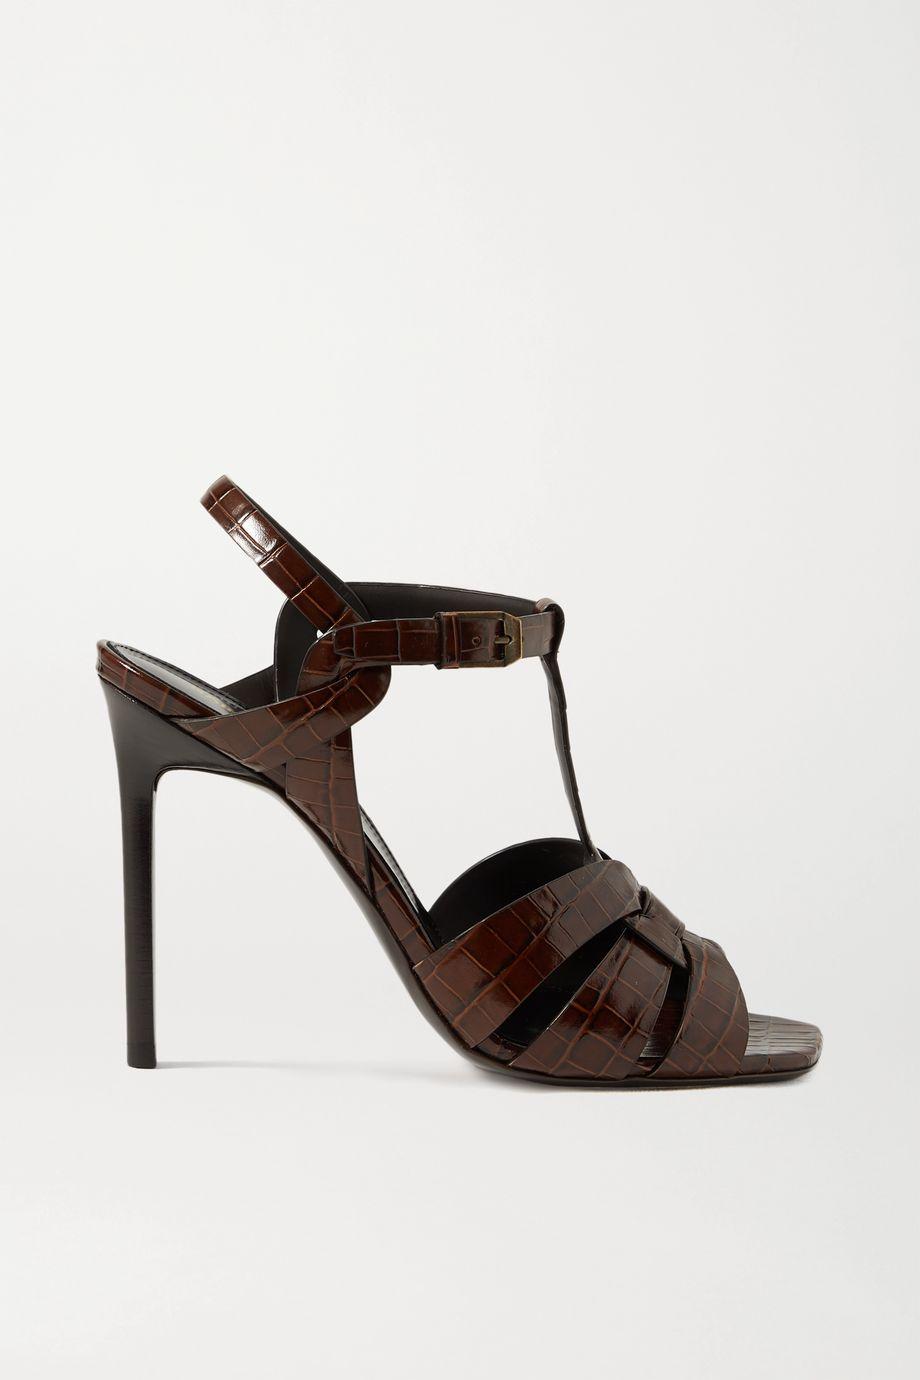 SAINT LAURENT Tribute woven croc-effect leather sandals